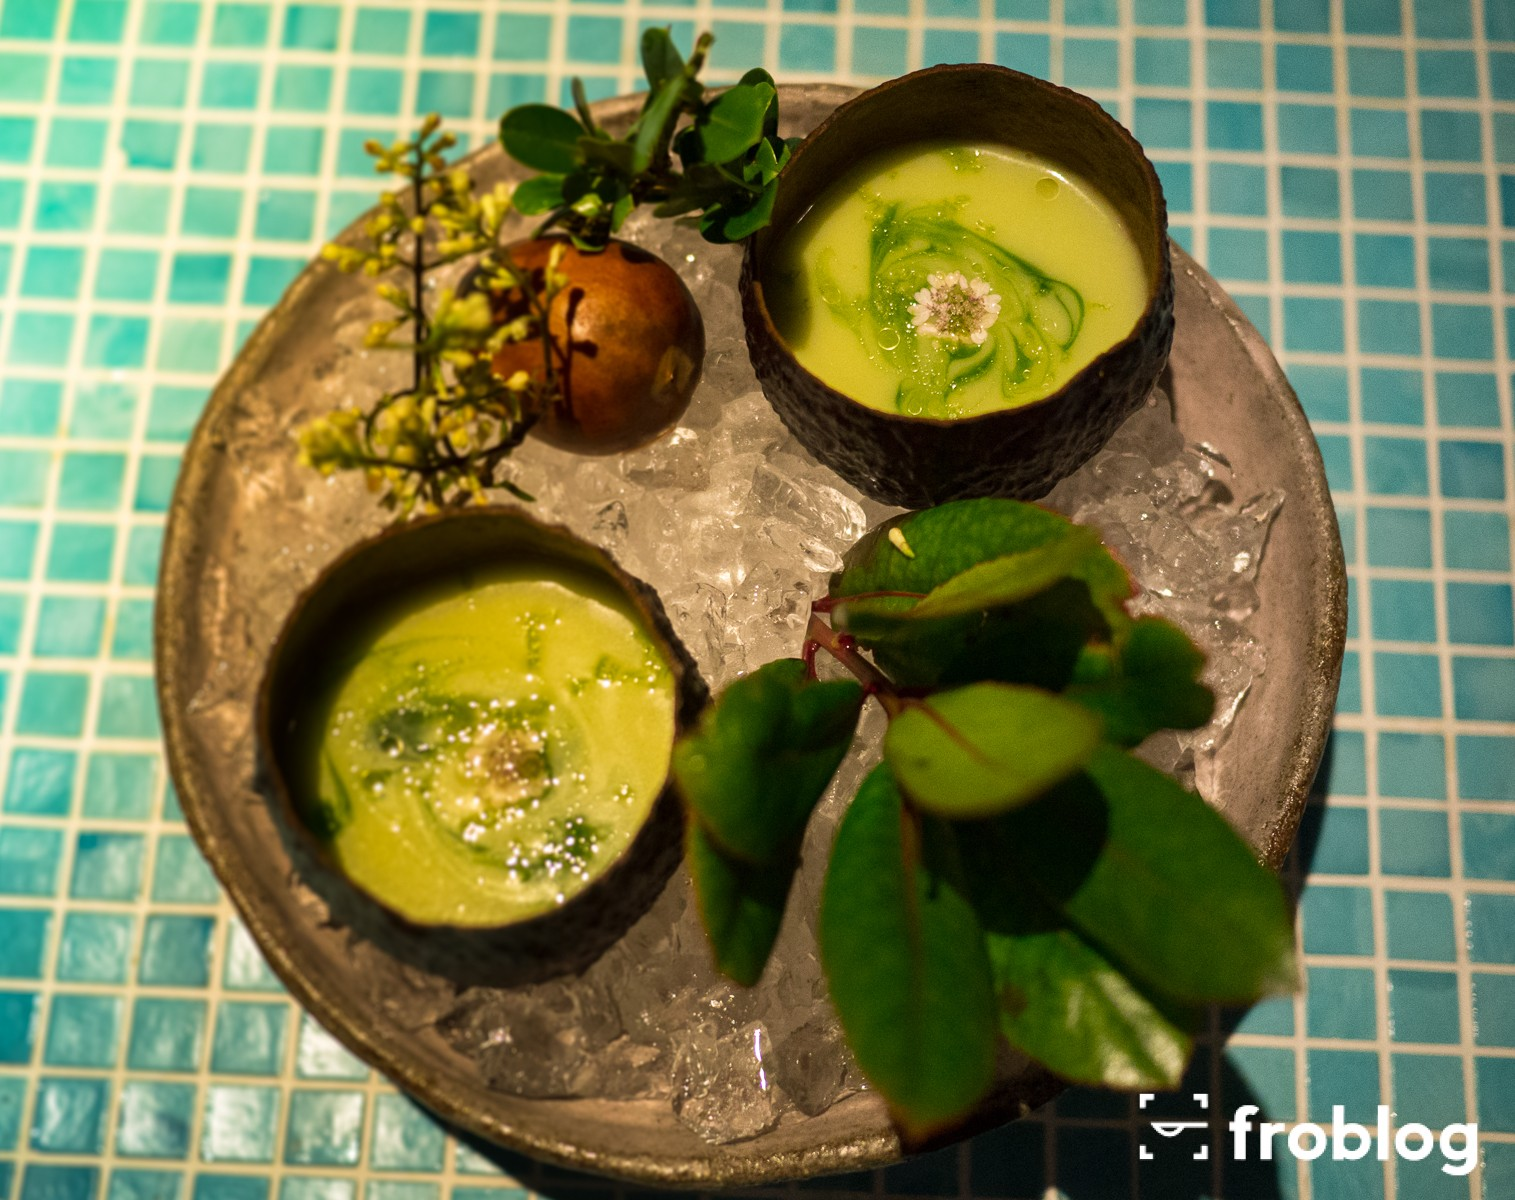 Gdzie jeść w Barcelonie kolację: Gaspacho z avocado i kwiatem kolendry